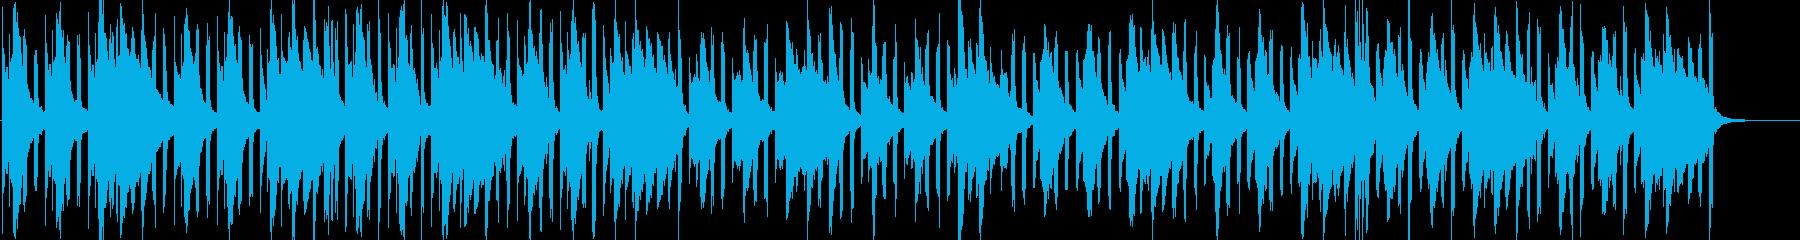 ほのぼのと呑気な落ち着いたBGMの再生済みの波形